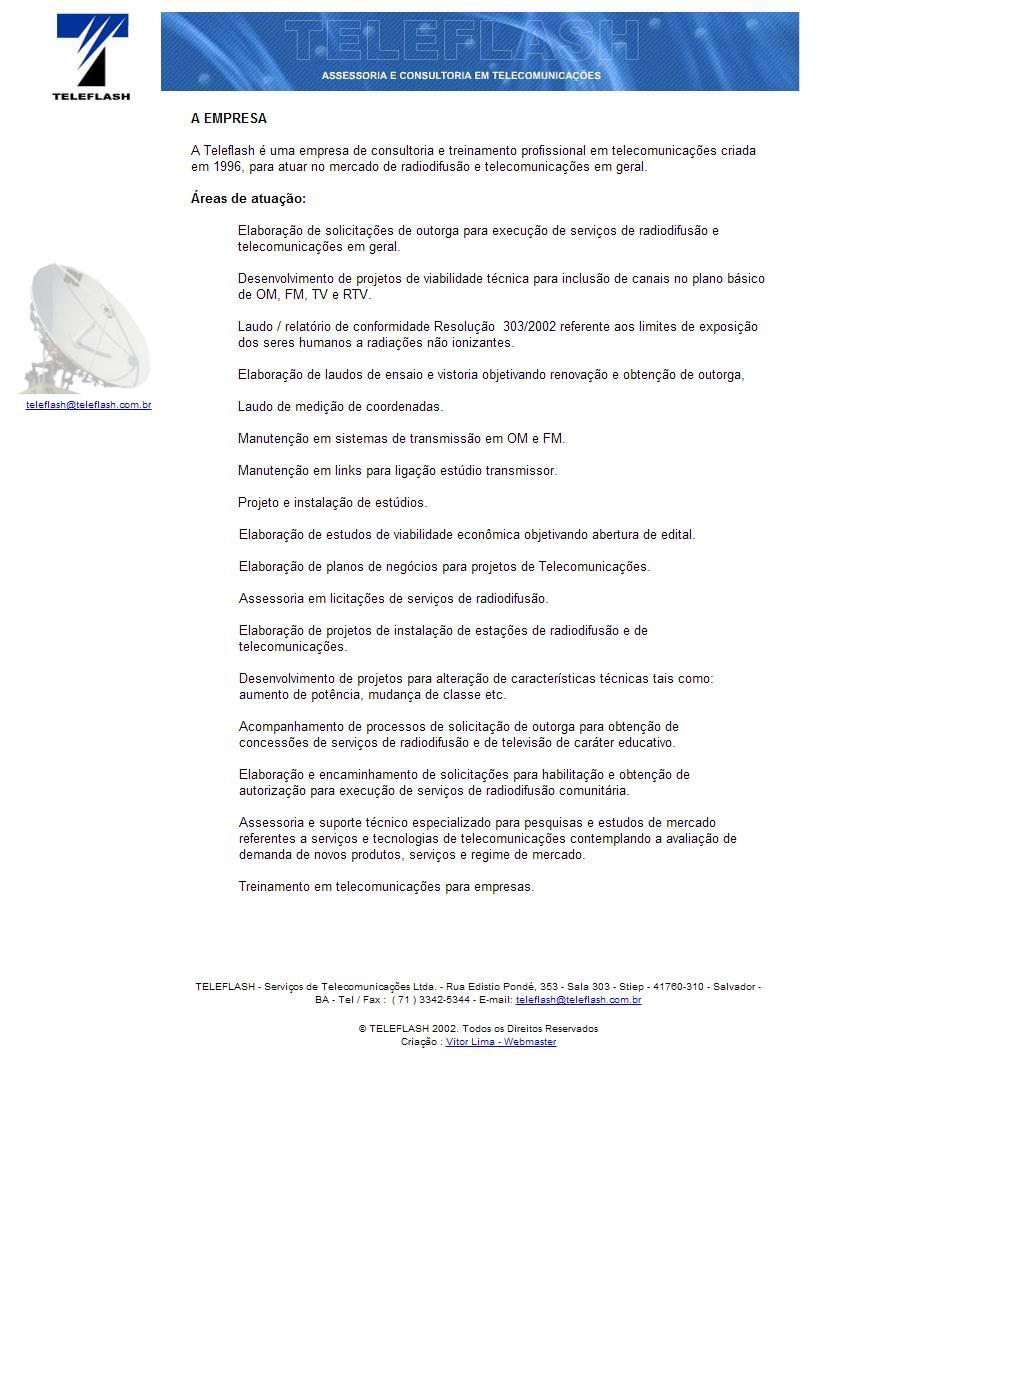 Teleflash - Assessoria e Consultoria em Telecomunicações